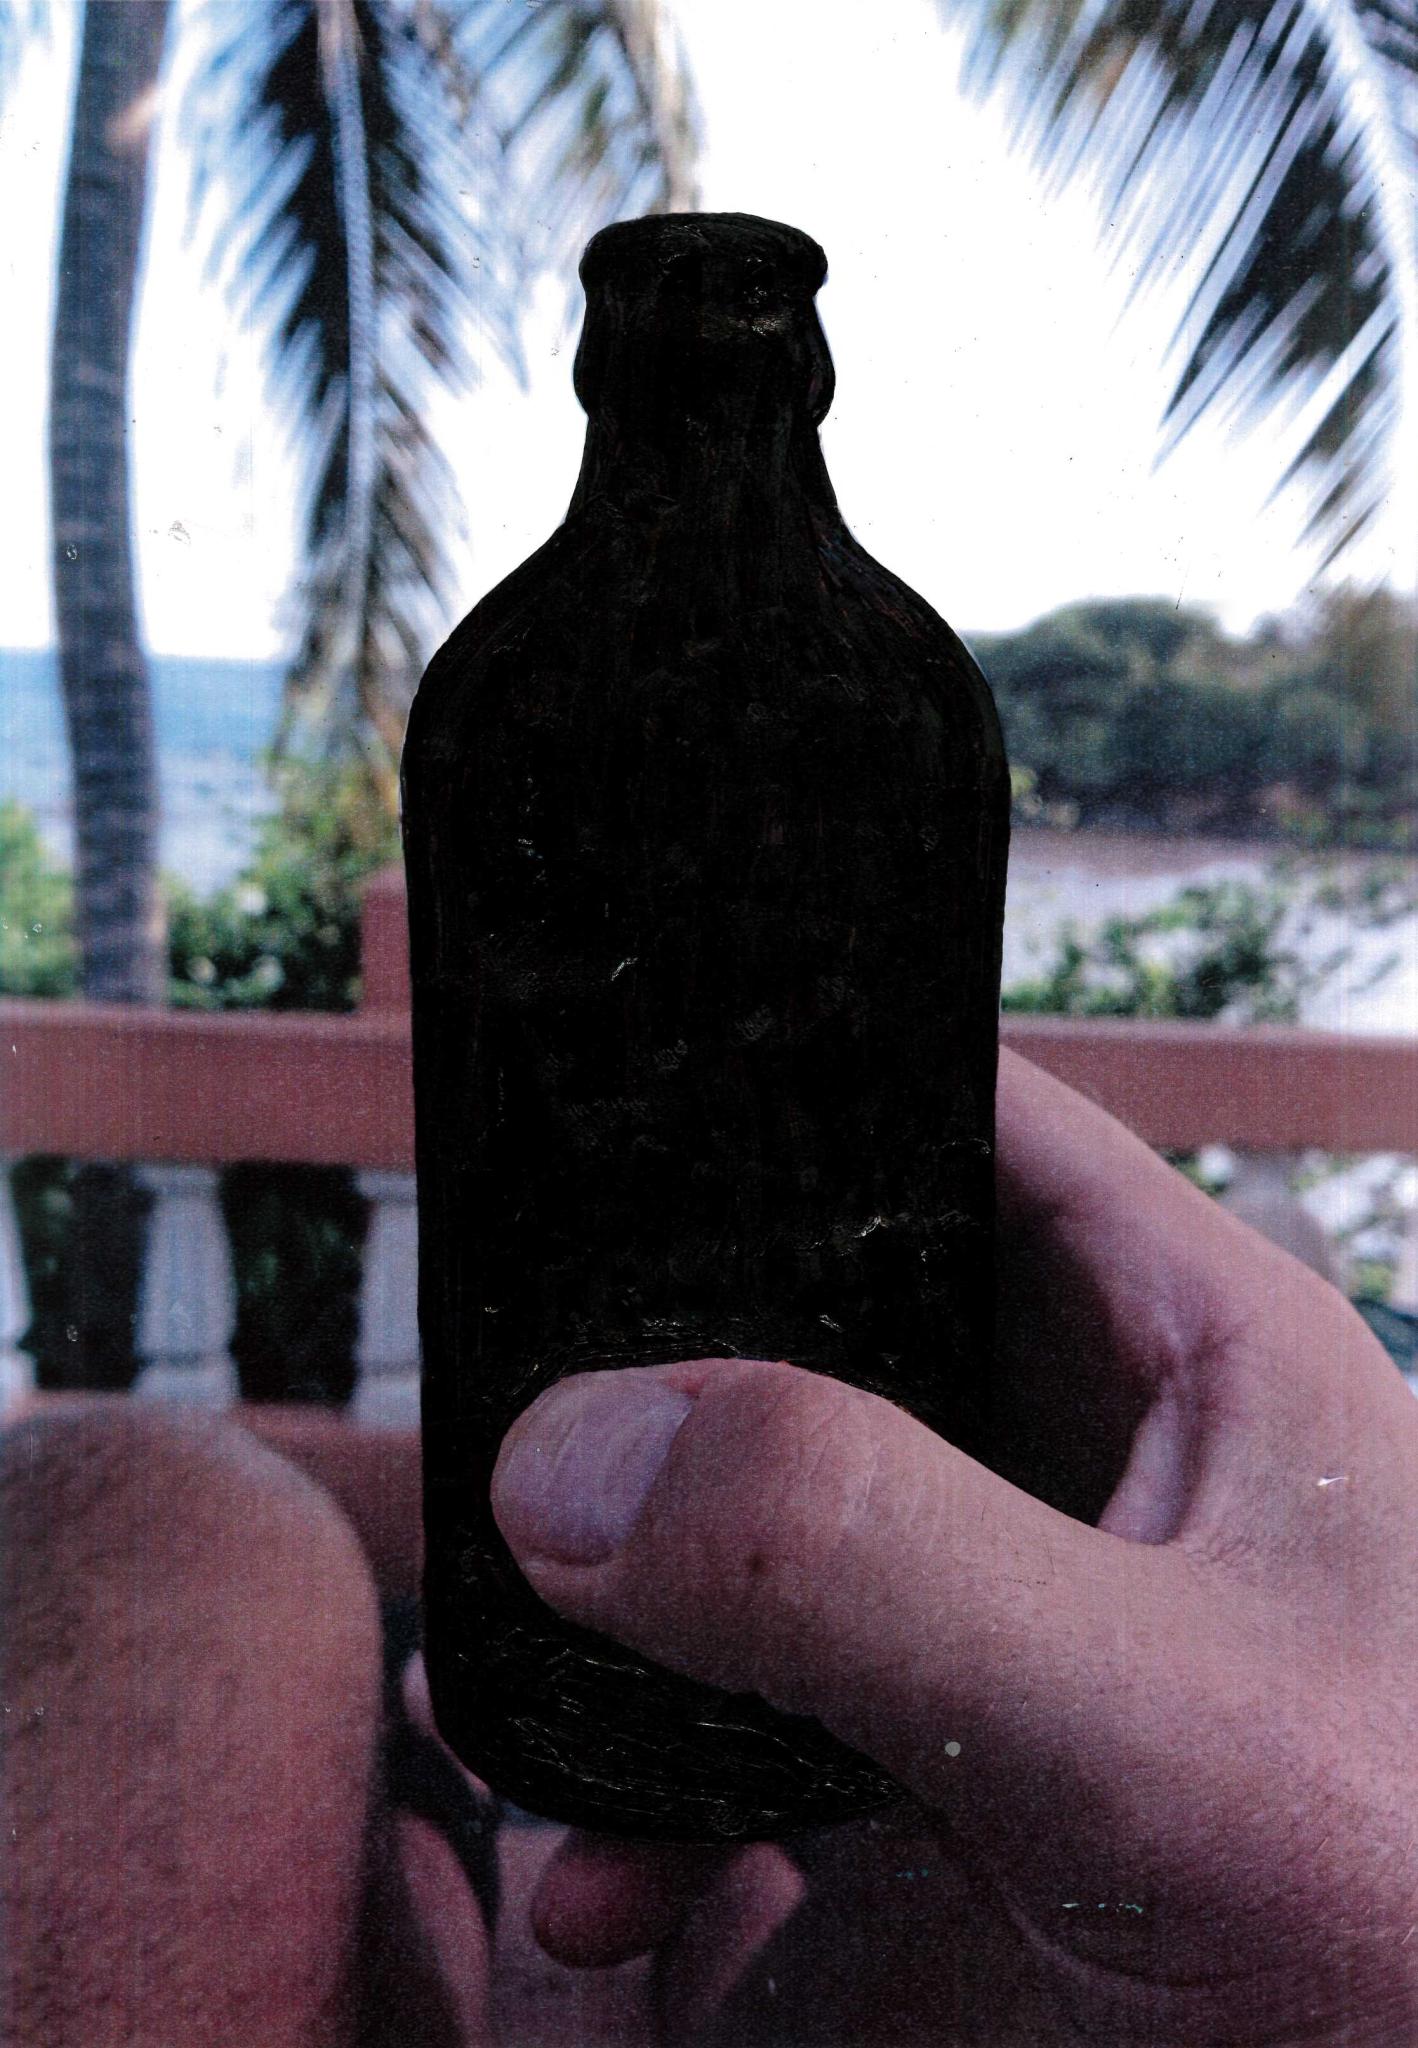 incertain beer